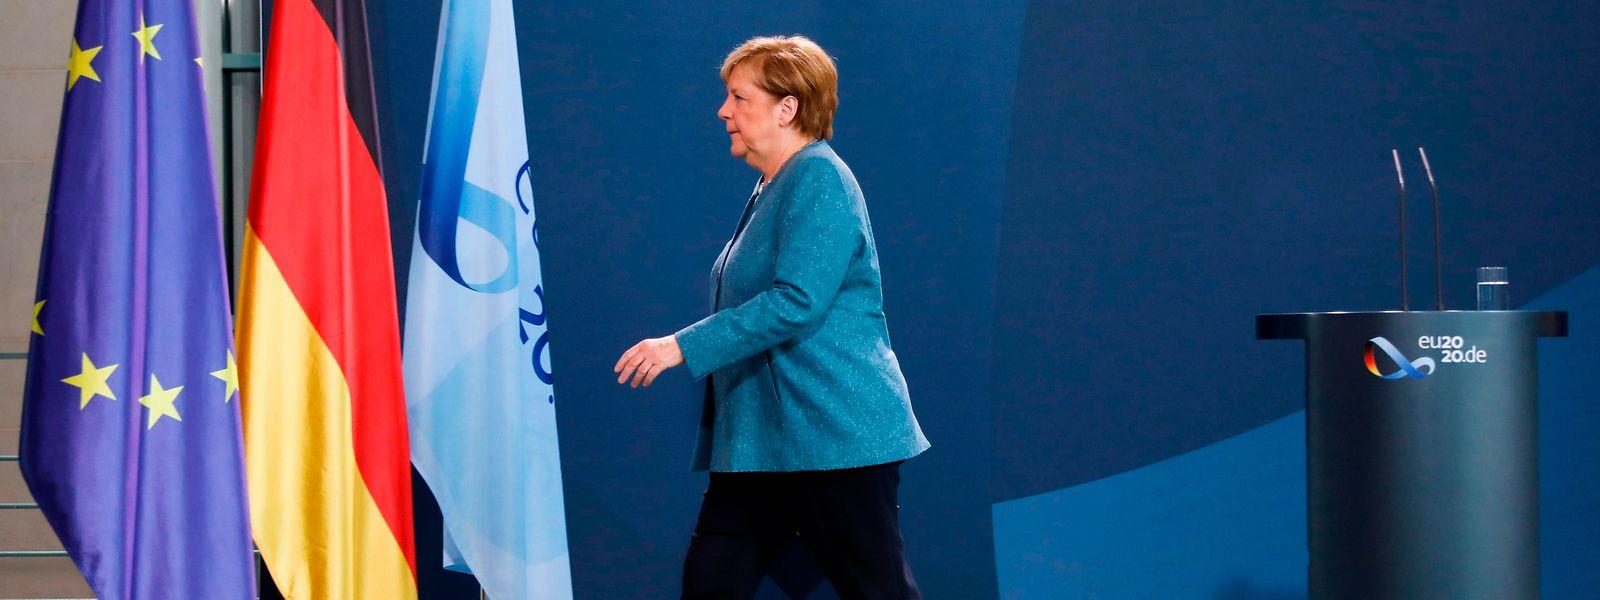 Mit dem angedrohten Stopp von Nord Stream 2 setzt die deutsche Bundeskanzlerin Angela Merkel Wladimir Putin unter Zugzwang.